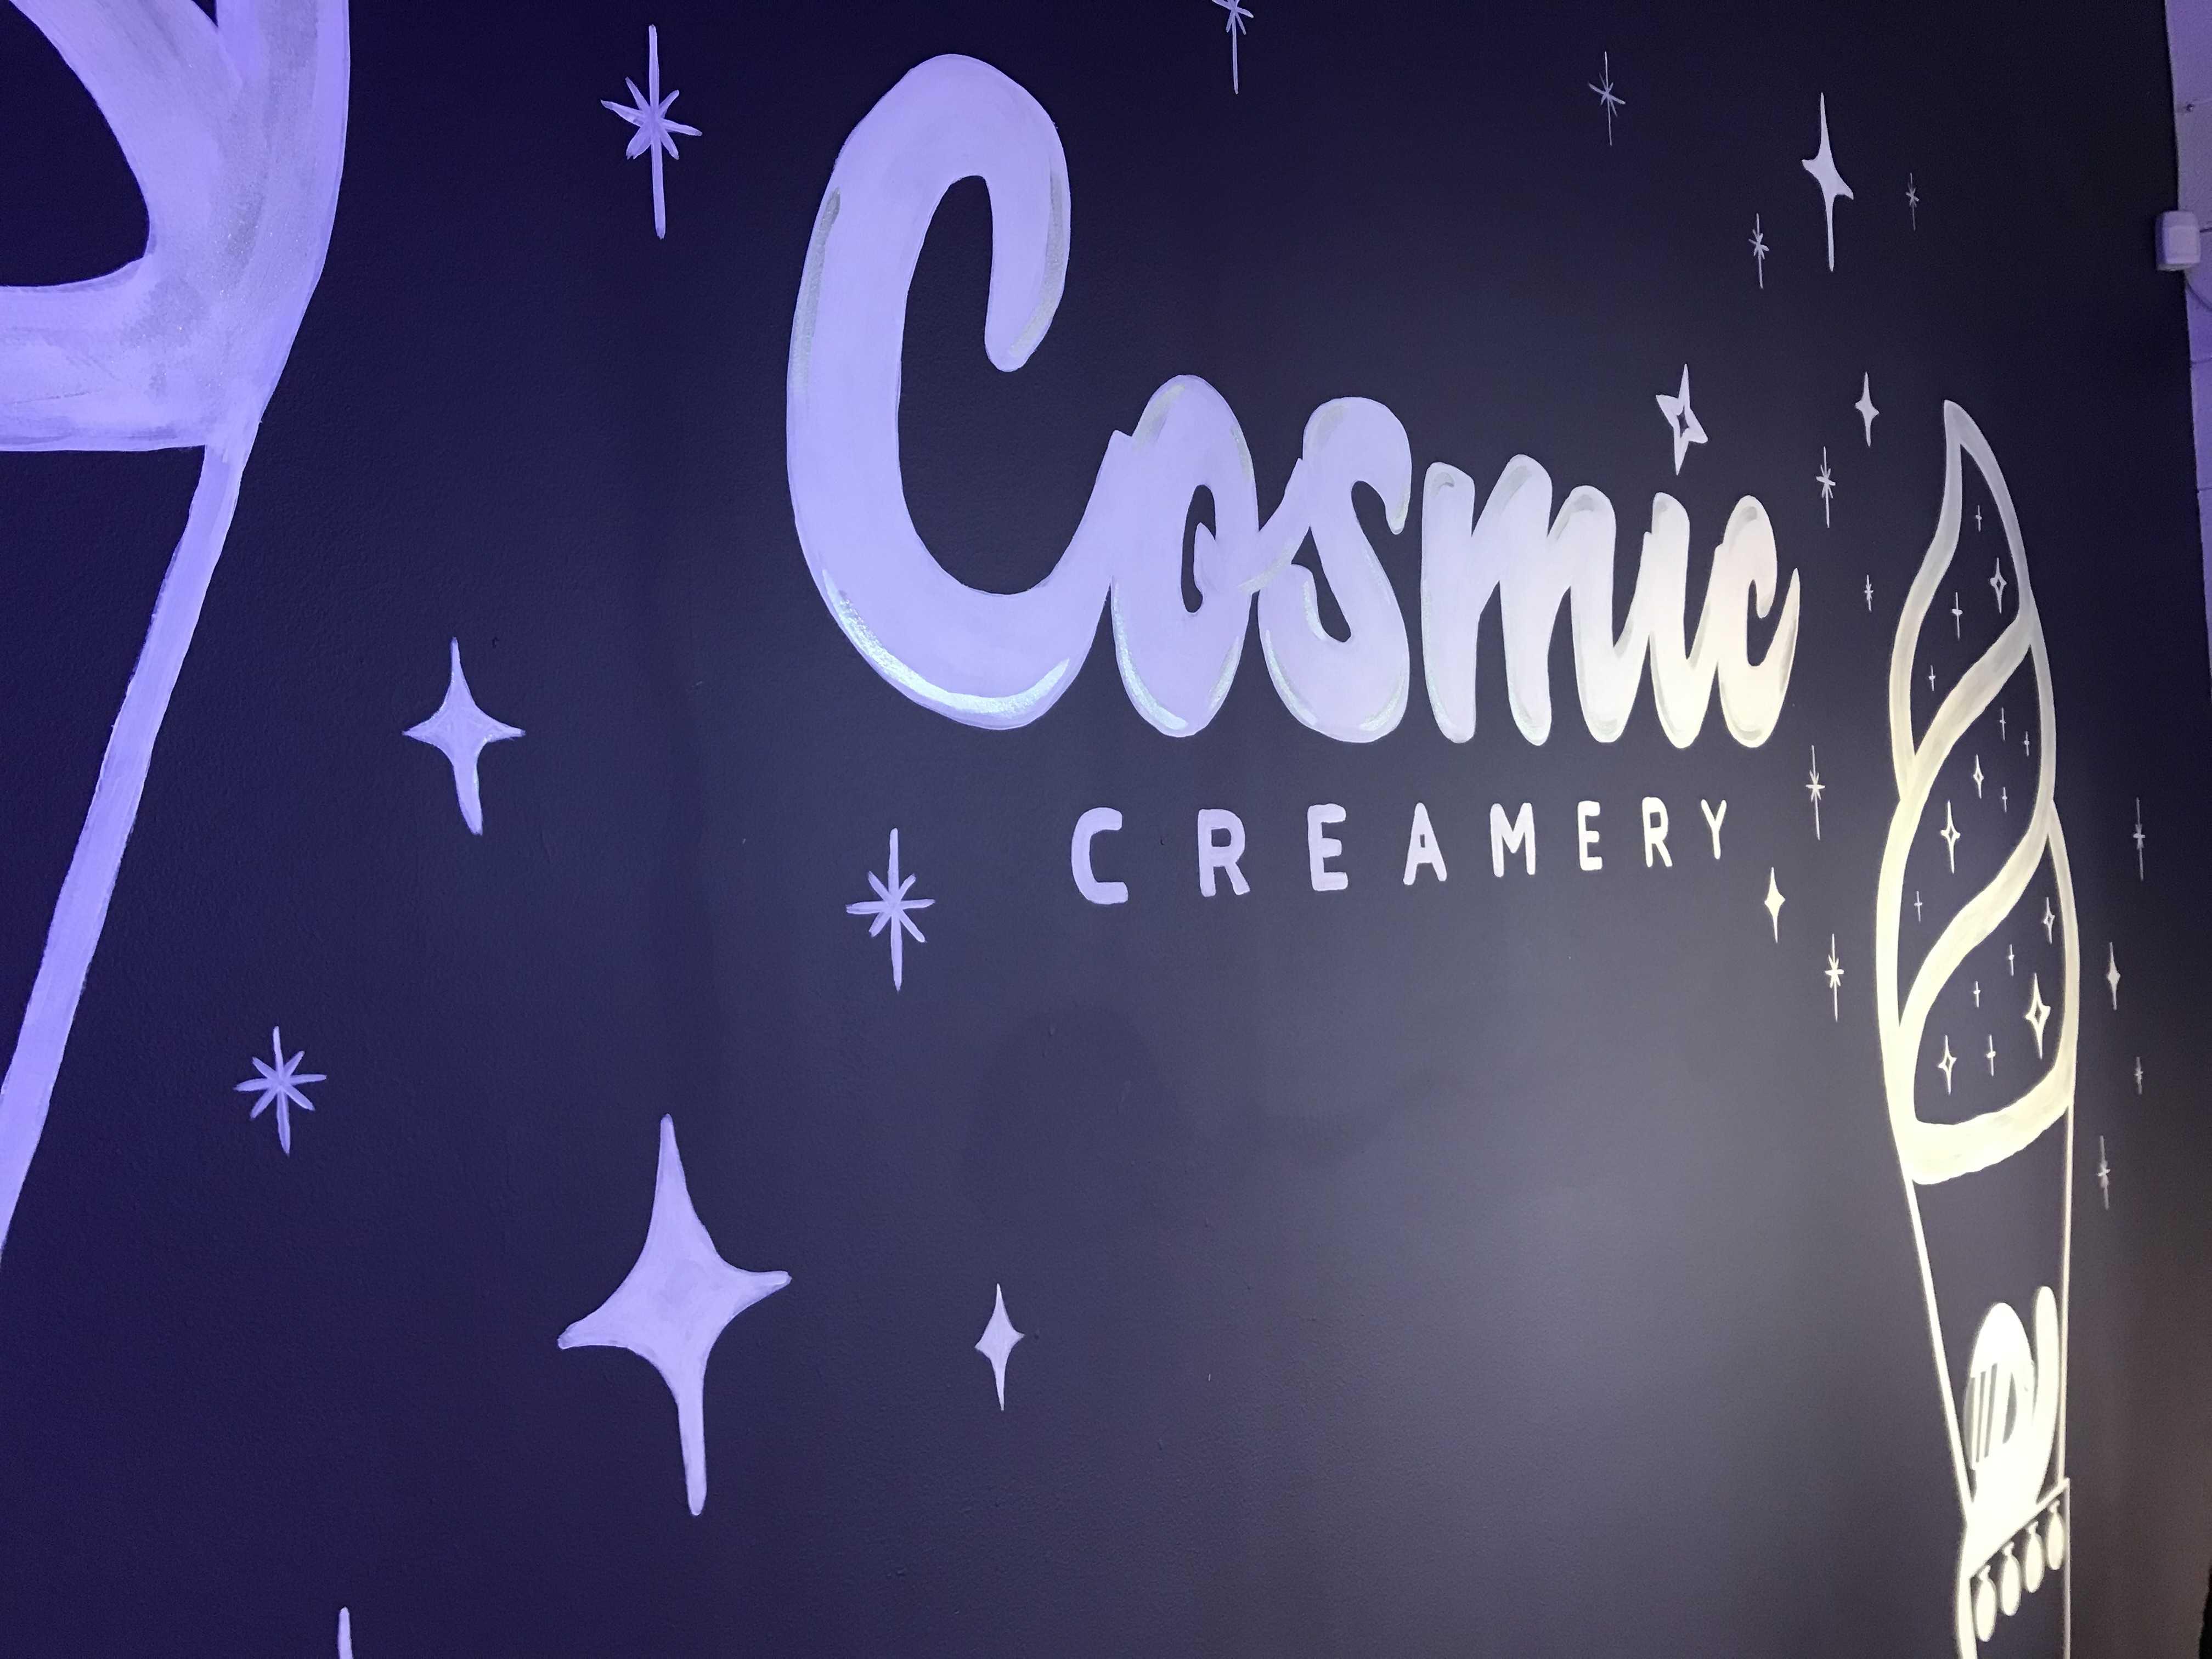 Cosmic Creamery, cosmic scenery